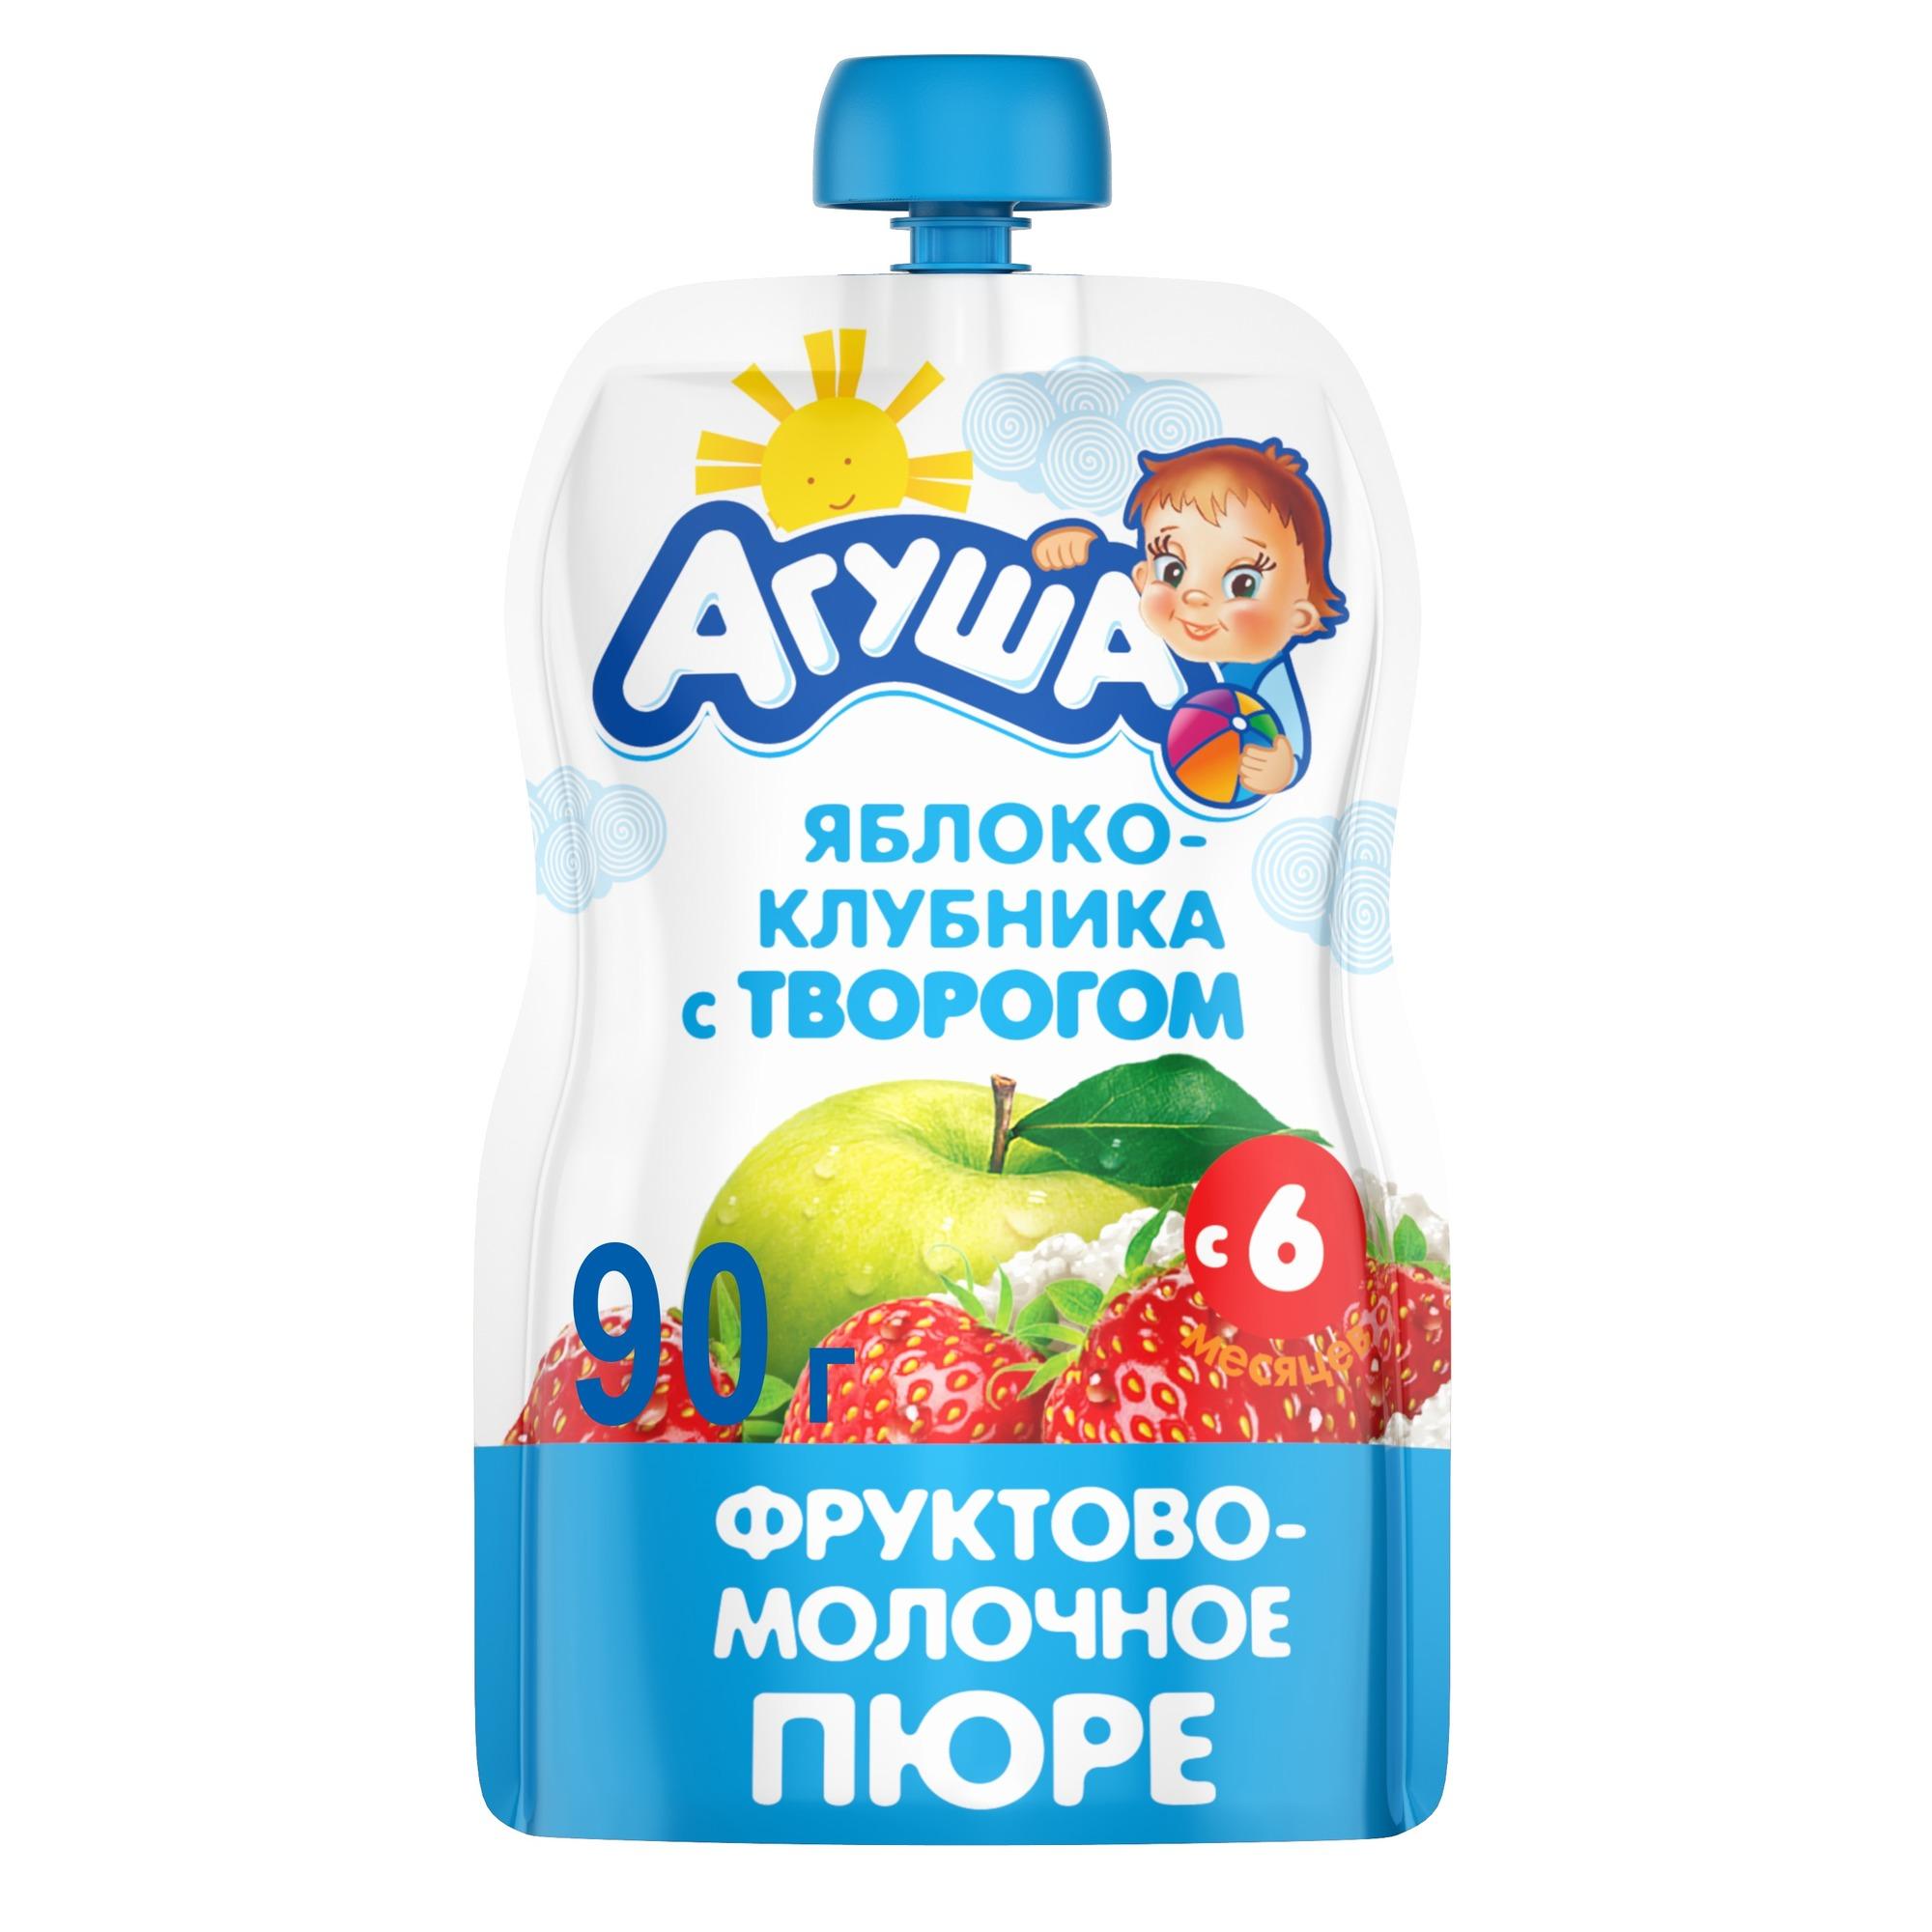 Пюре фруктовое Агуша Яблоко-клубника с творогом с 6 мес 90 г